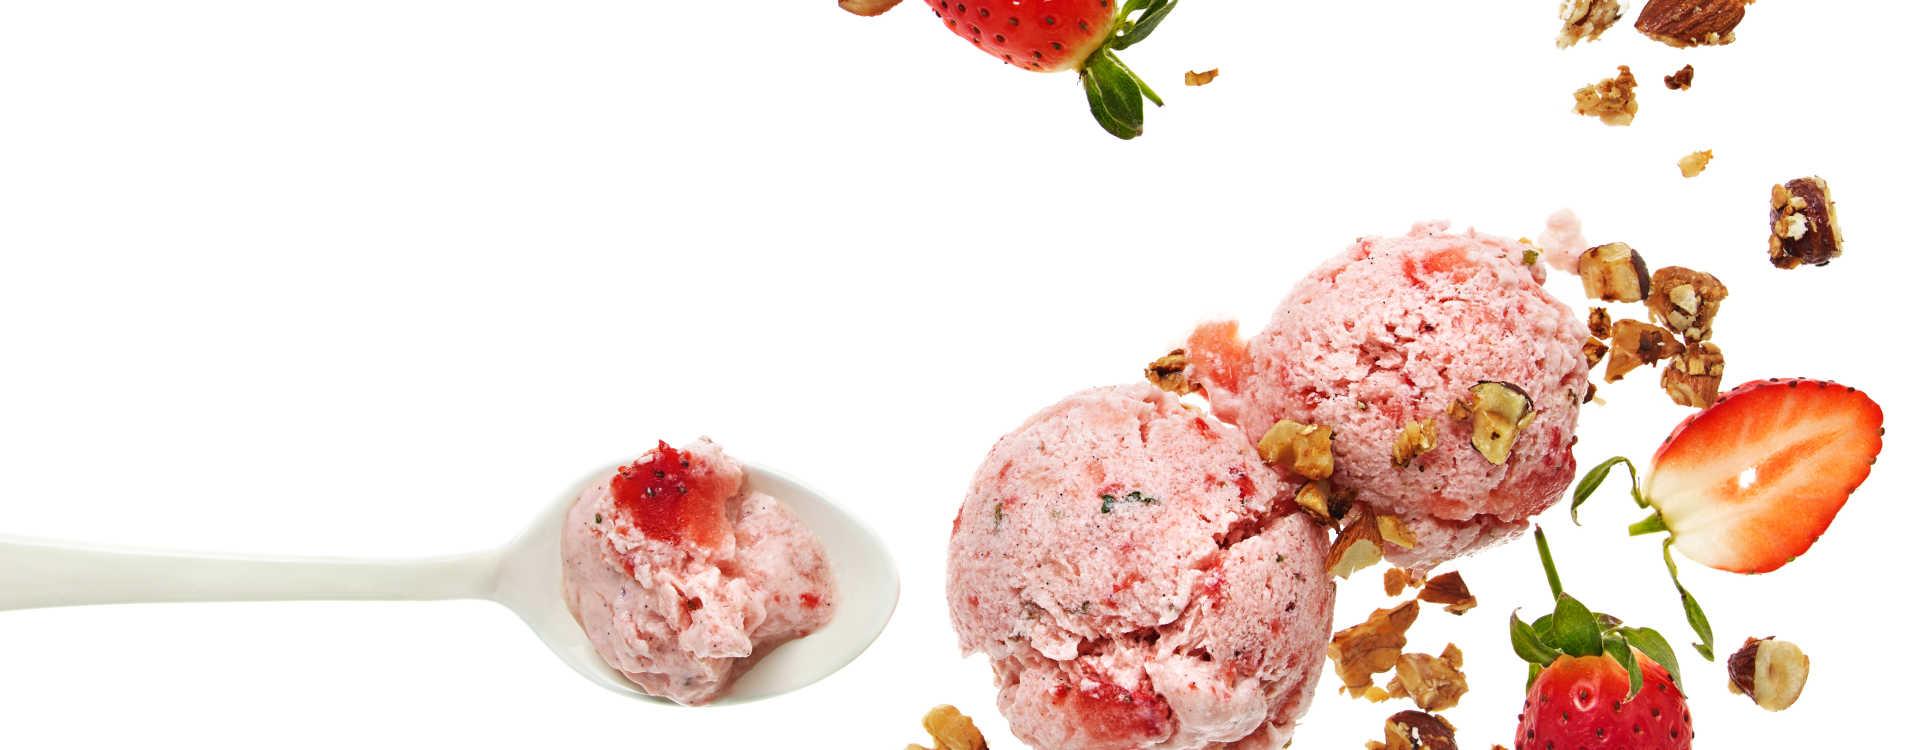 Jordbær-yoghurtis med havre- og nøttecrumble